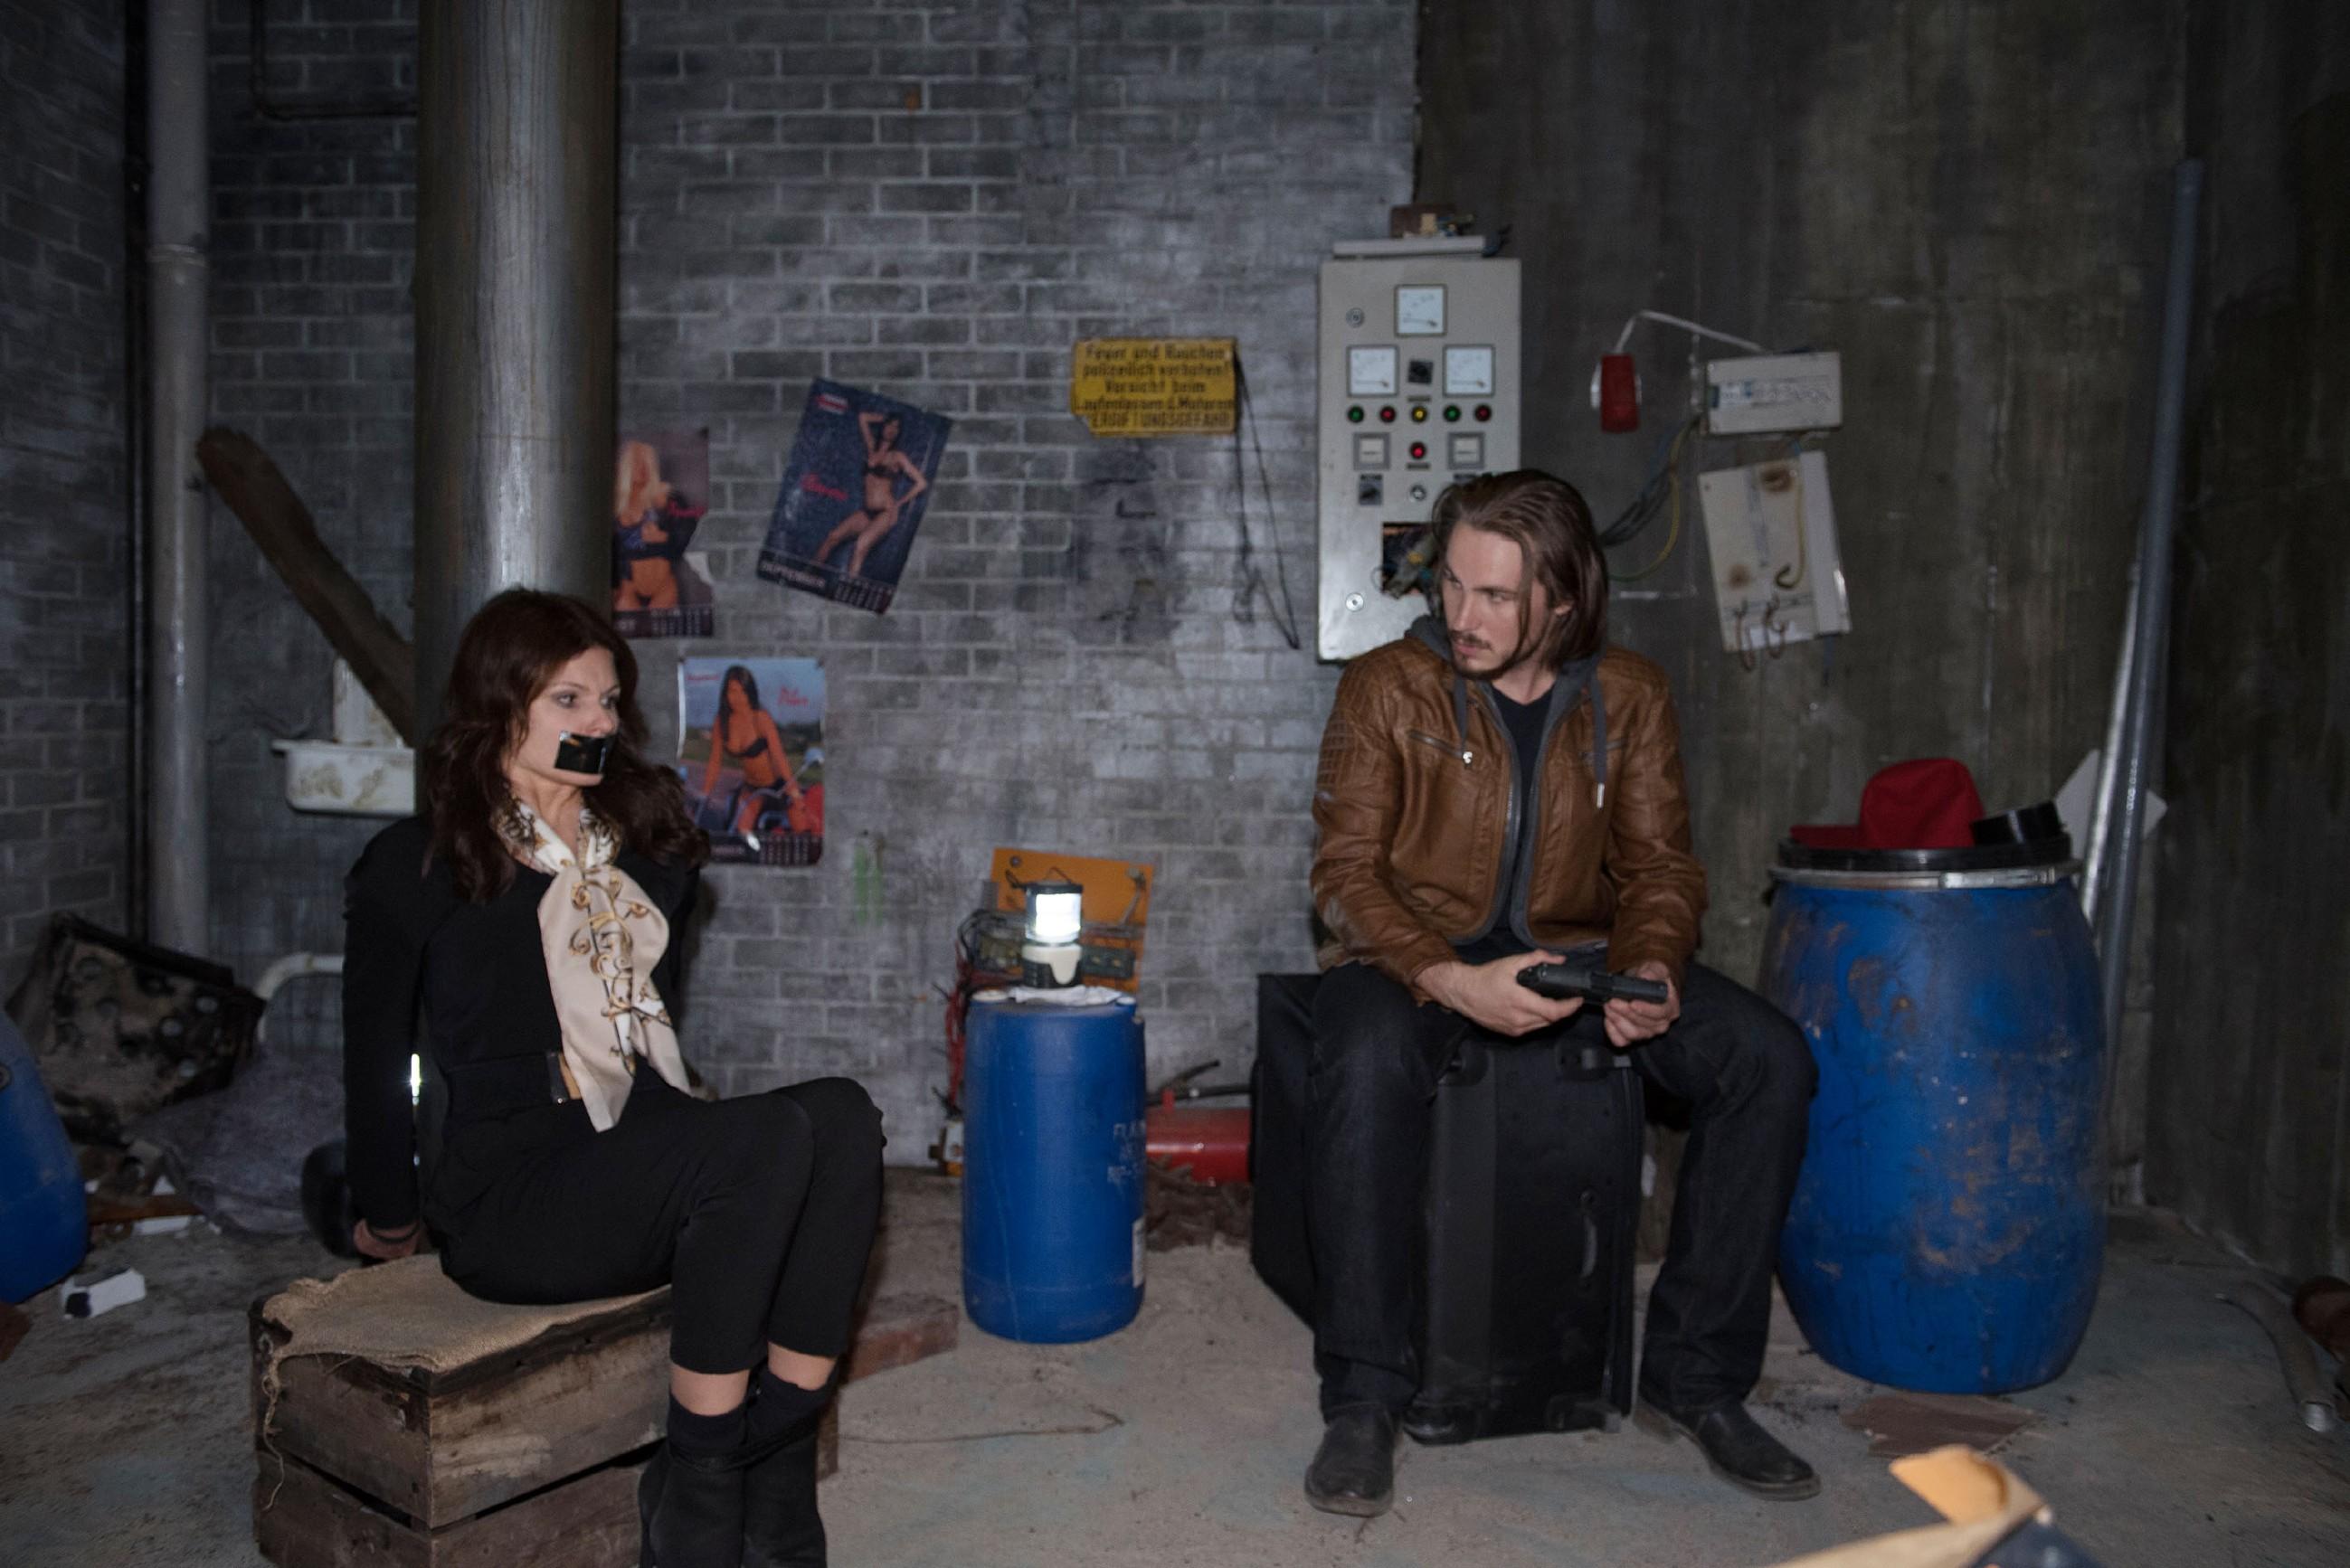 Britta (Tabea Heynig) wird weiterhin von Schrader gefangen gehalten, doch der scheint keinen konkreten Plan davon zu haben, was Britta ihm hysterisch an den Kopf wirft...